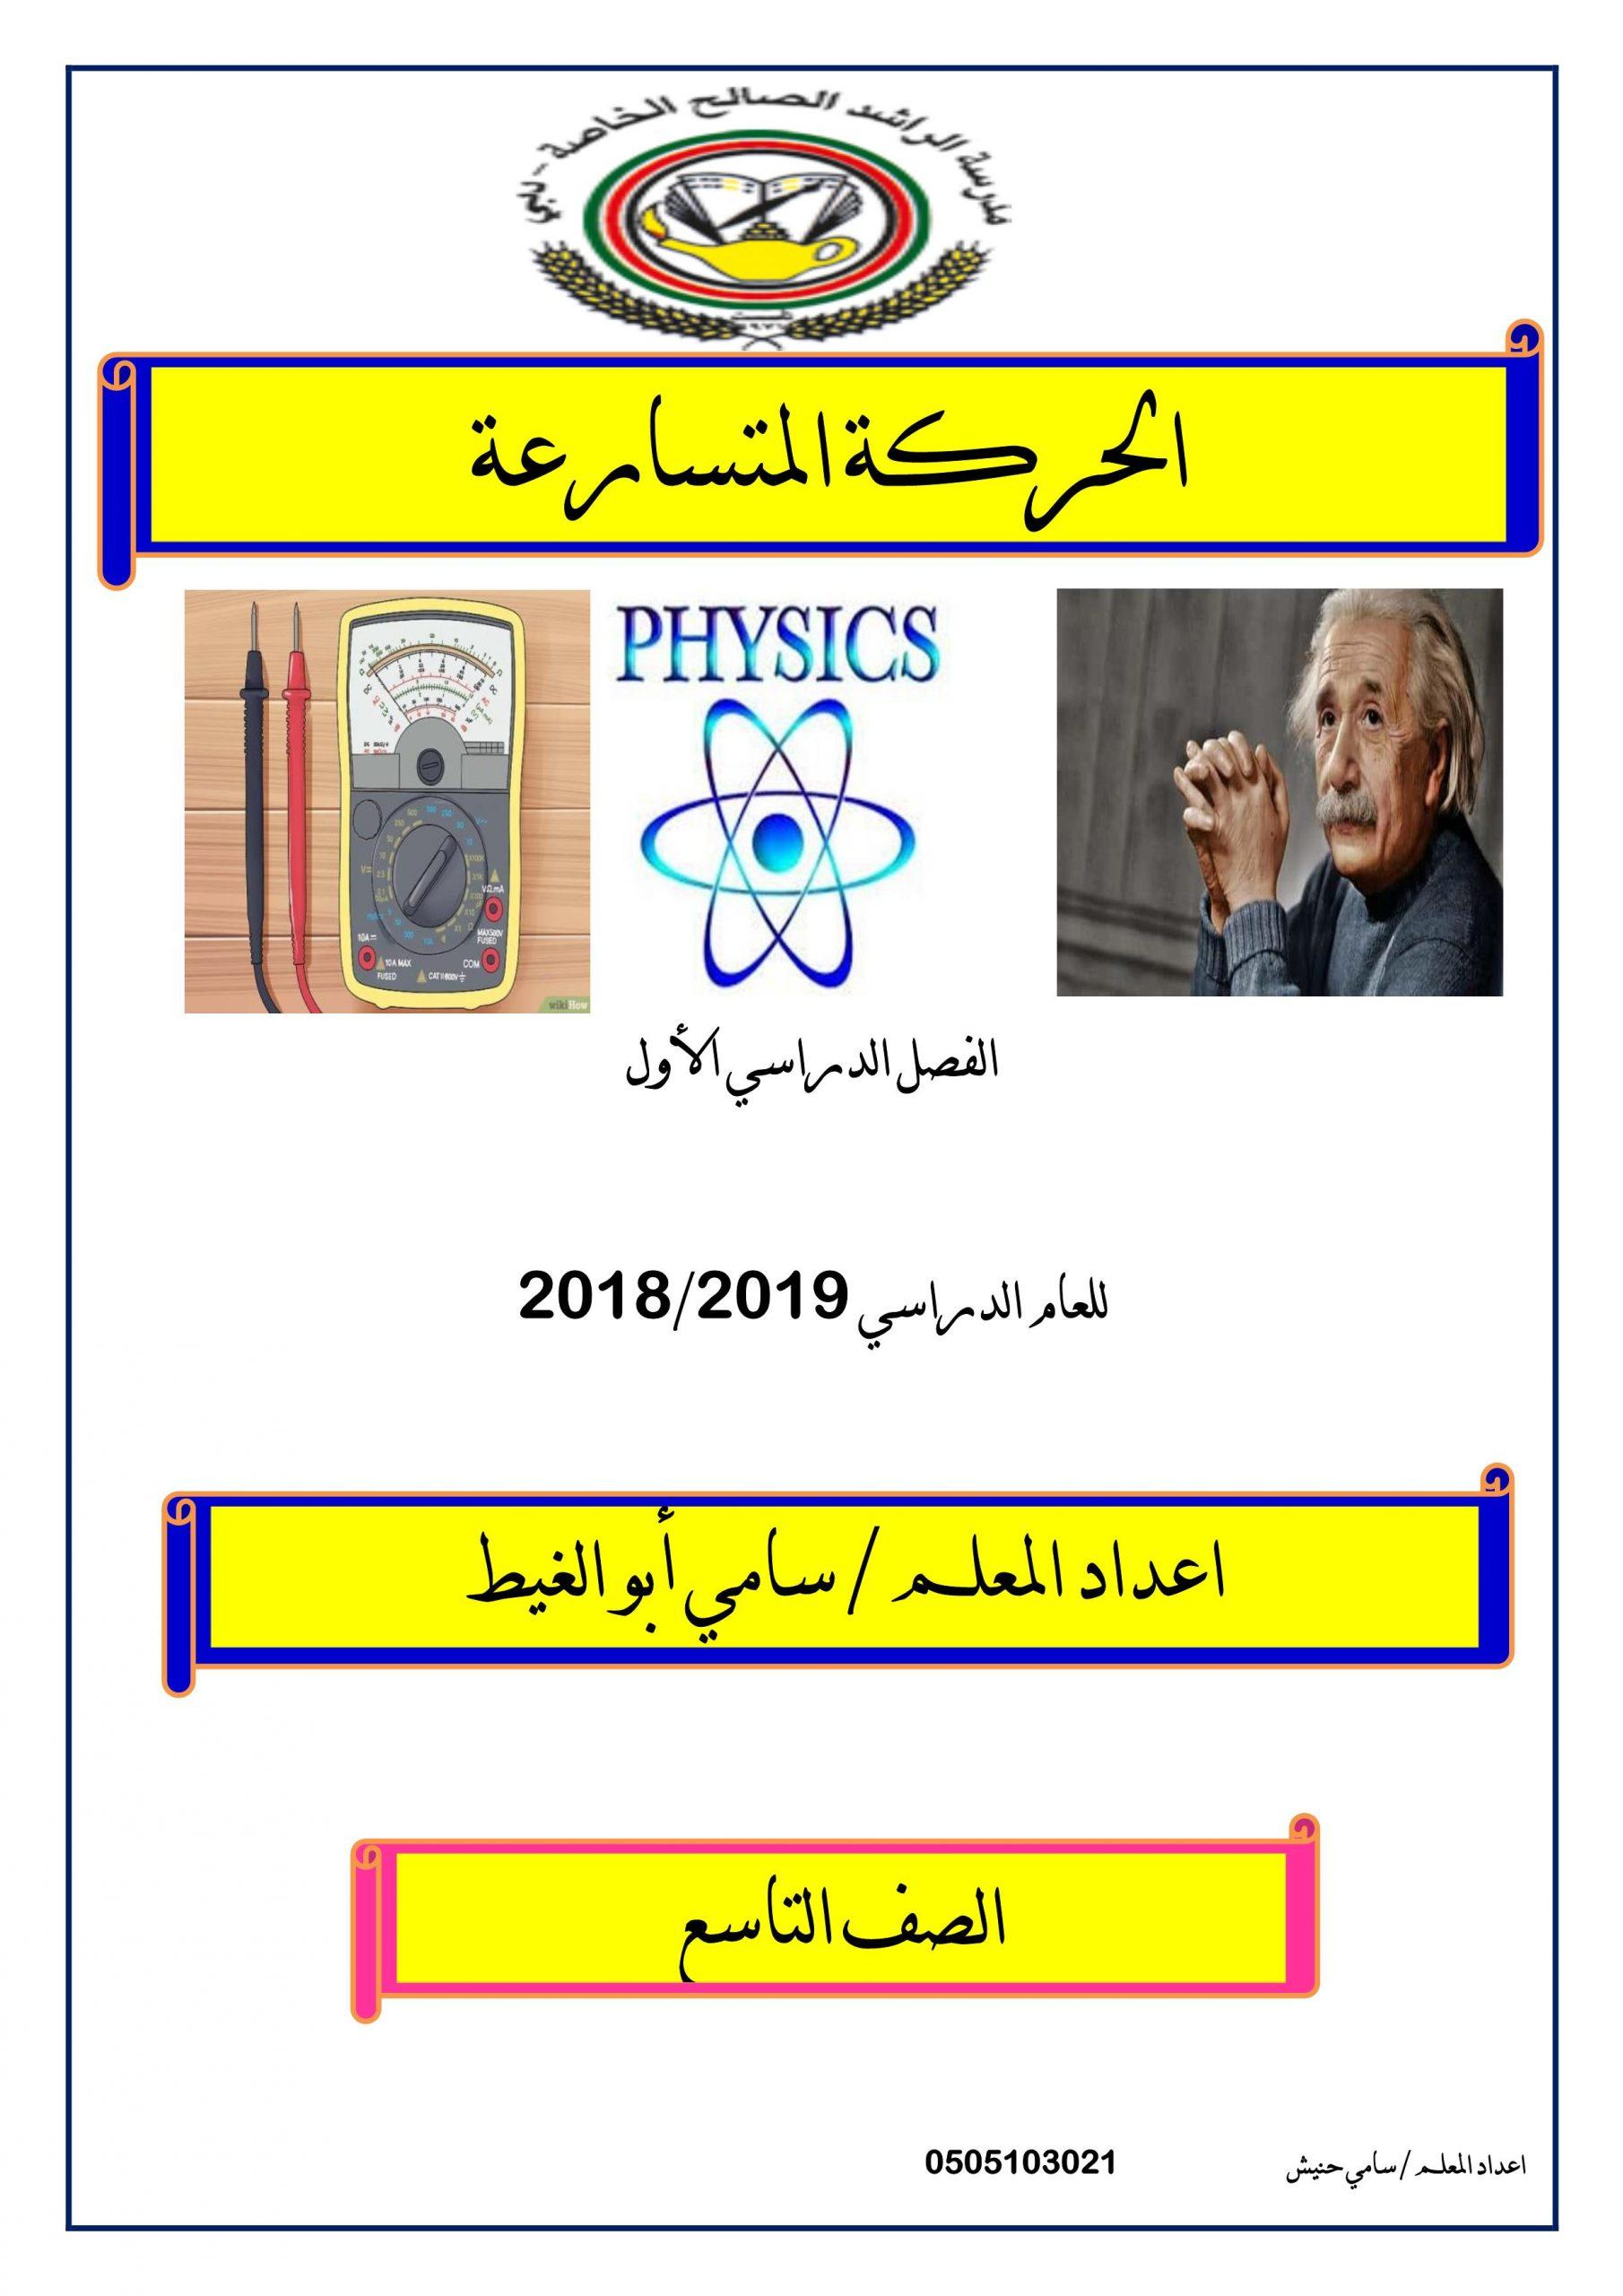 ملخص الحركة المتسارعة الفصل الدراسي الاول الصف التاسع مادة الفيزياء